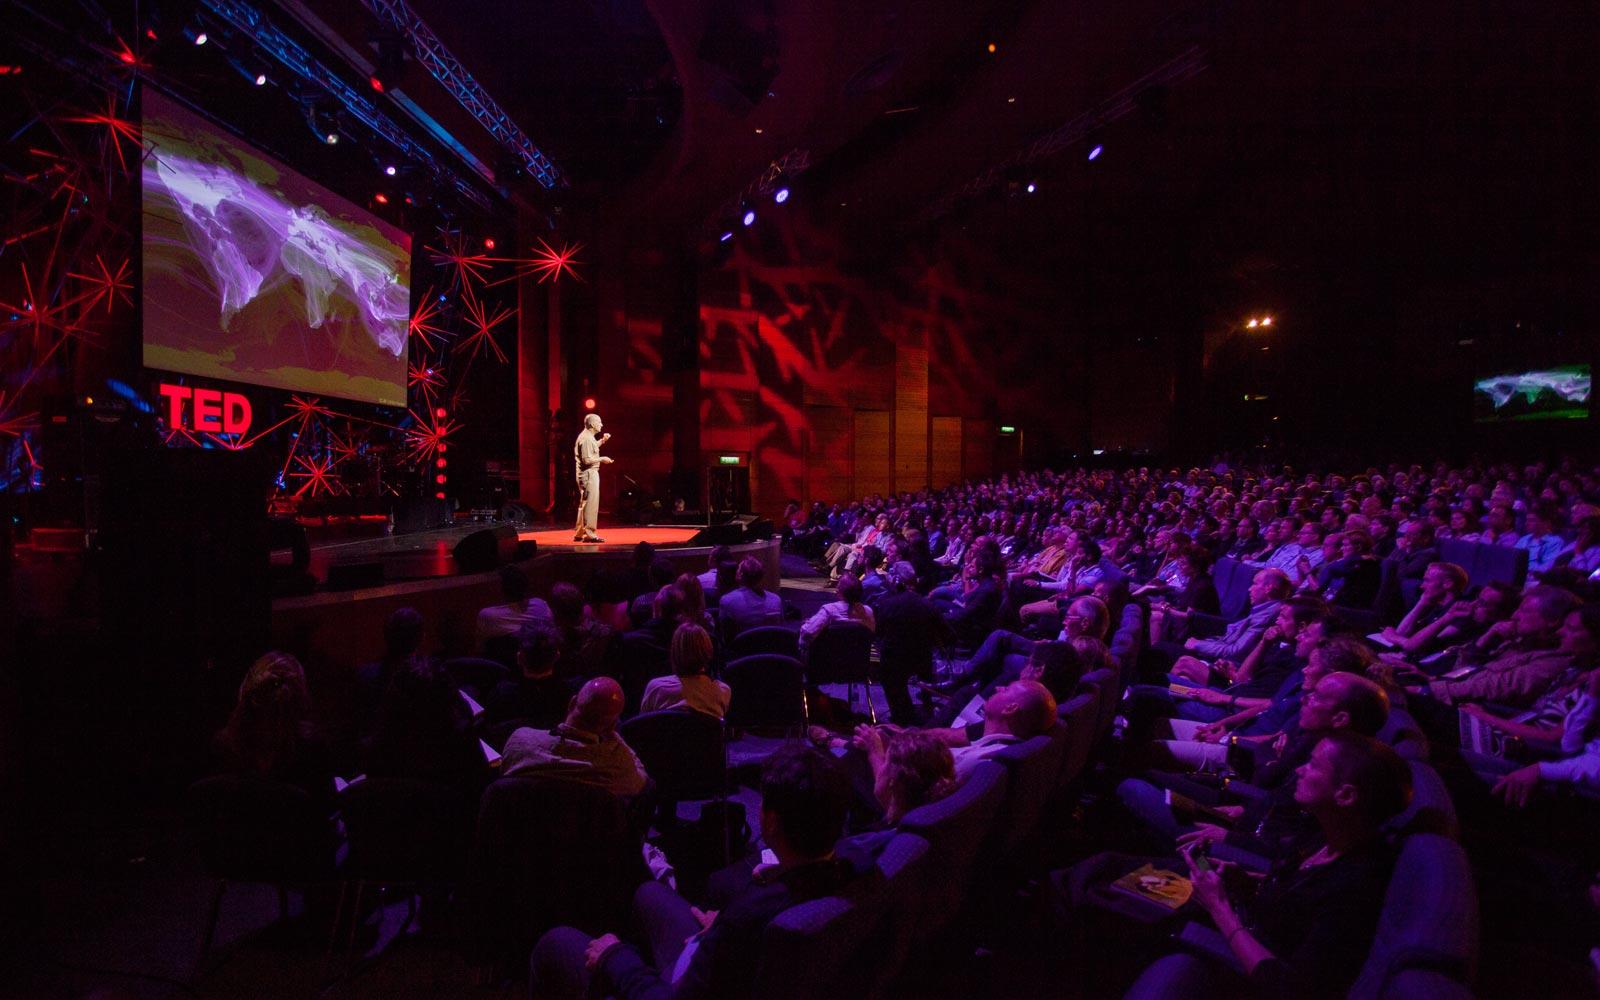 TEDGLOBAL201210